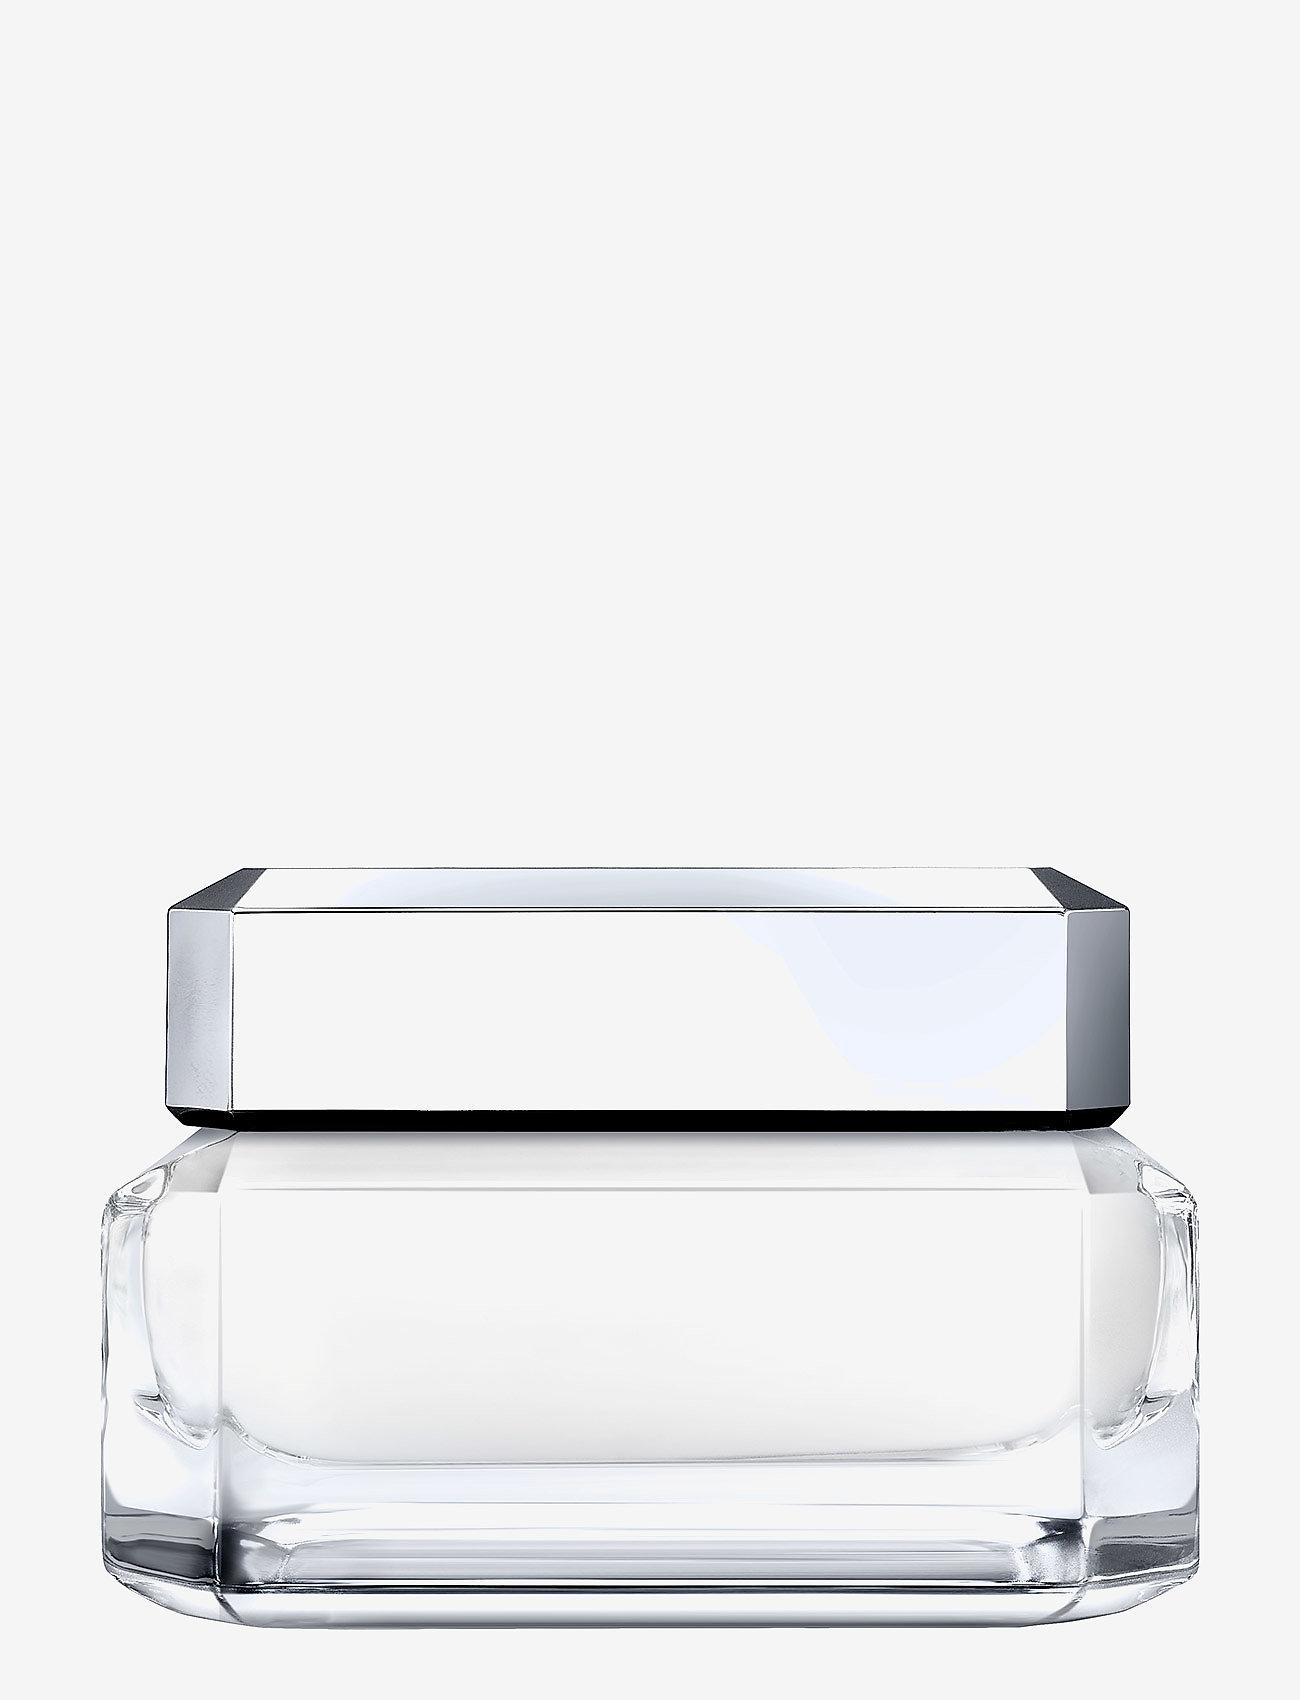 Tiffany - TIFFANY & CO BODY CREAM - body cream - no color - 0